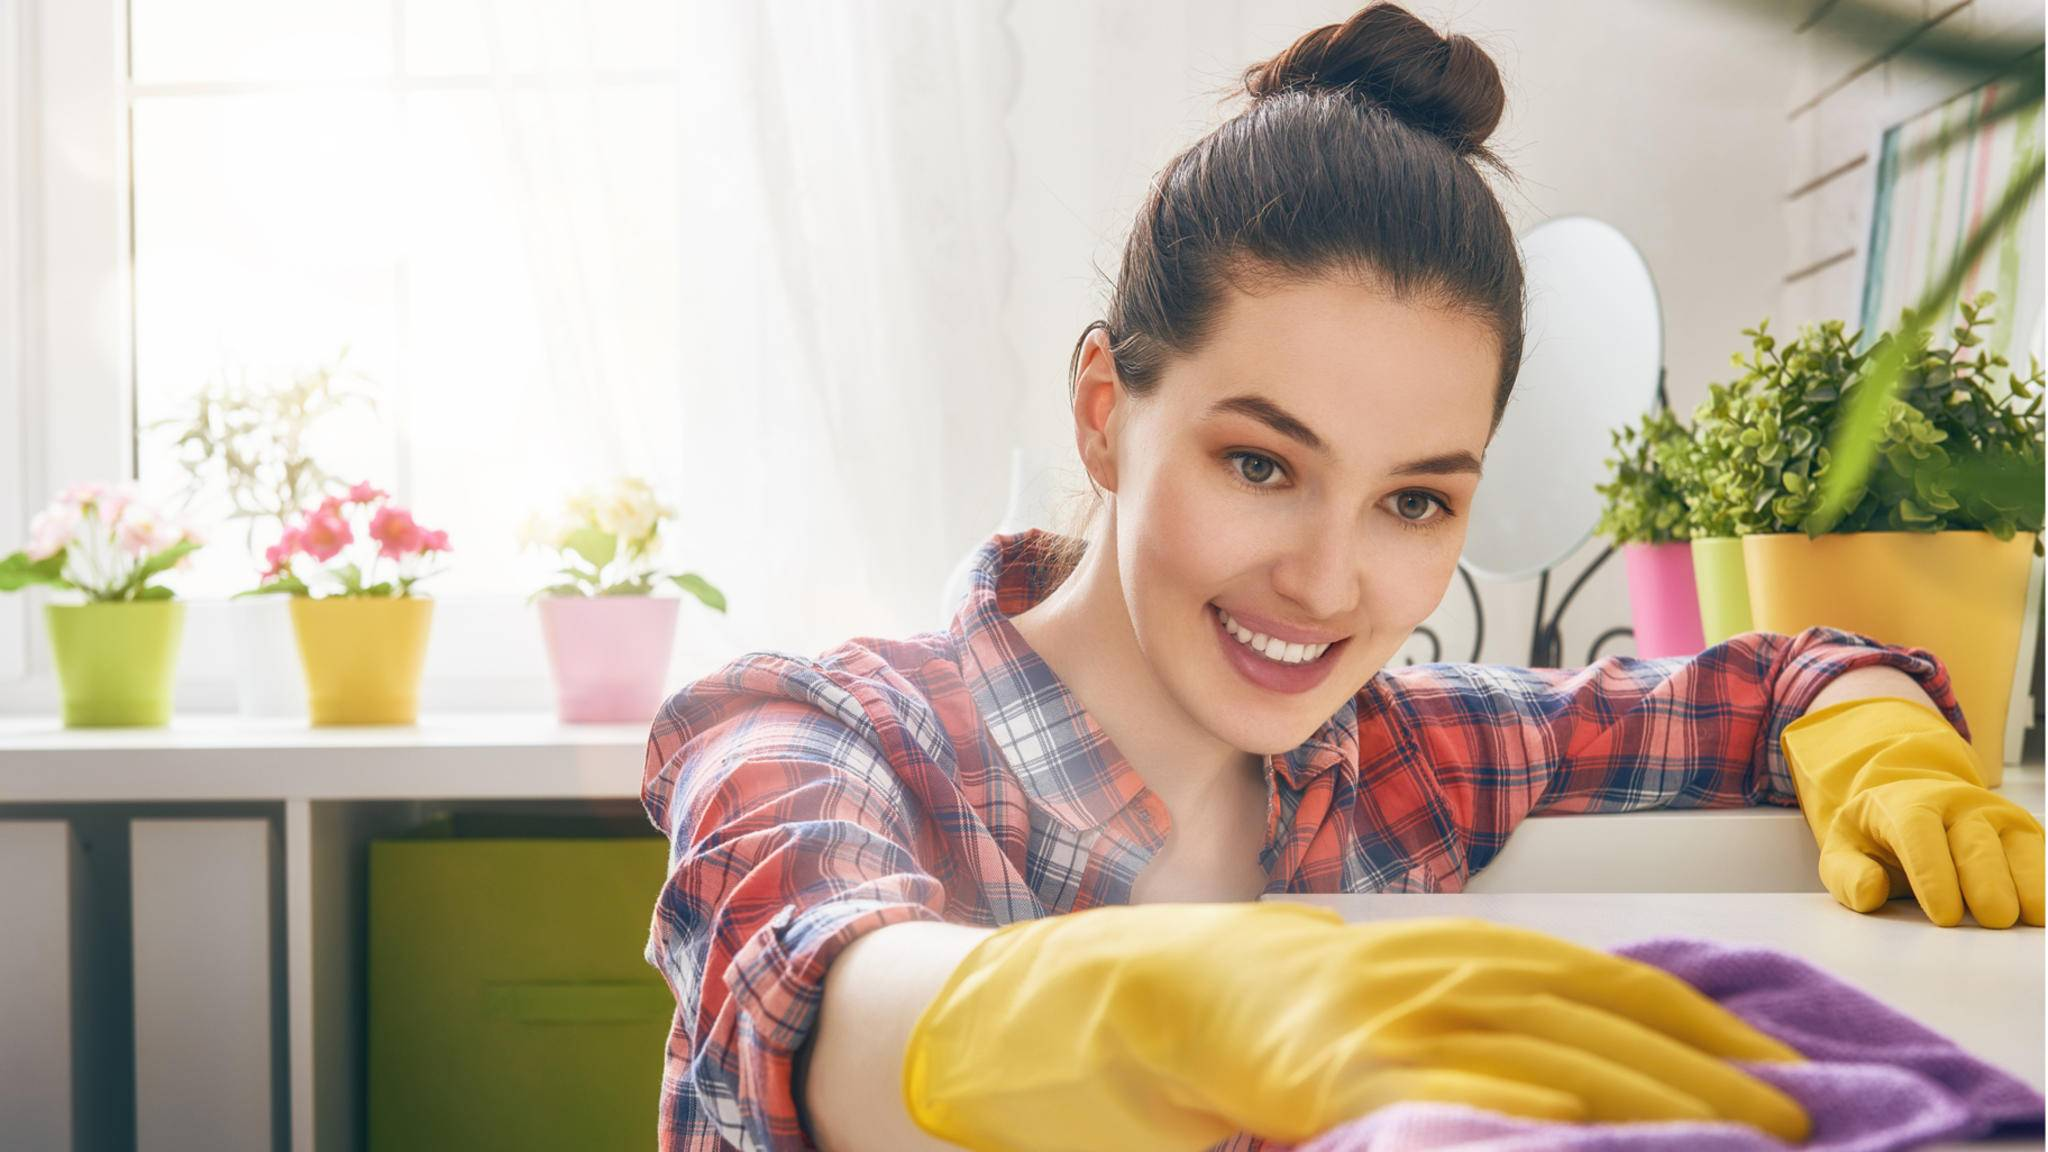 Der Frühjahrsputz muss nicht anstrengend sein: Viele moderne Haushaltsgeräte können Dir helfen, alles sauber und rein zu halten. Ohne große Mühe.